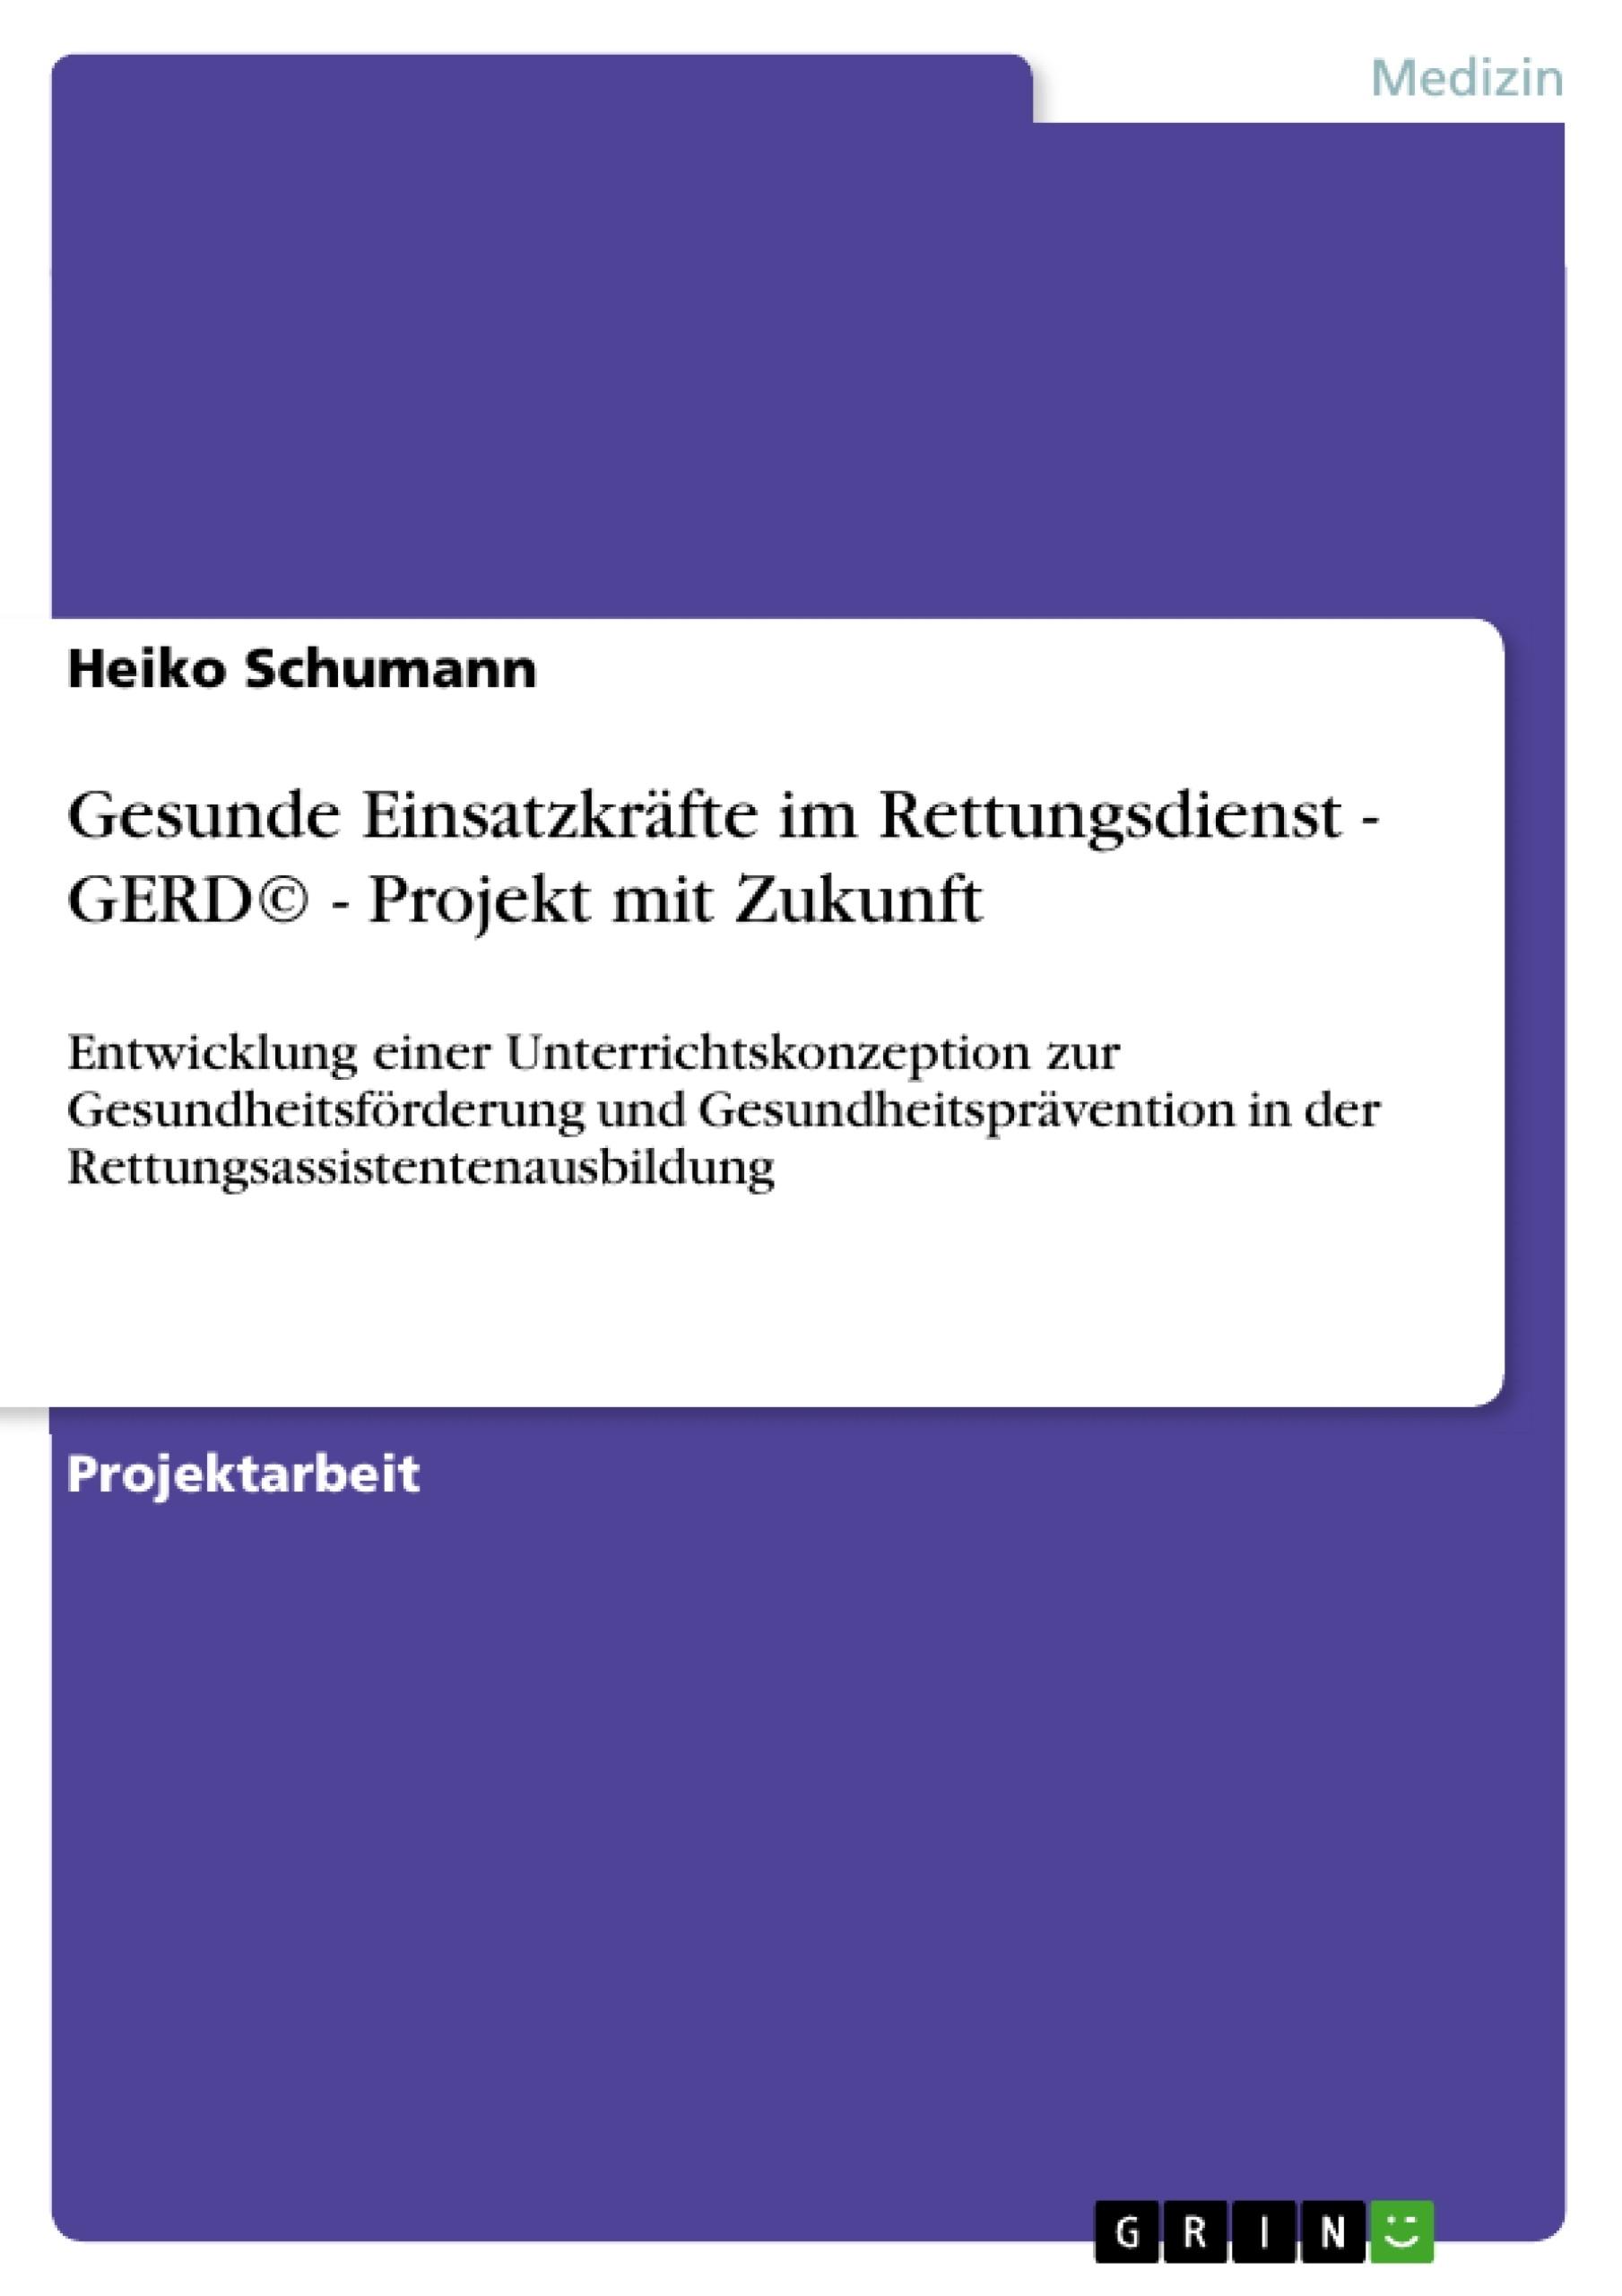 Titel: Gesunde Einsatzkräfte im Rettungsdienst - GERD©  - Projekt mit Zukunft